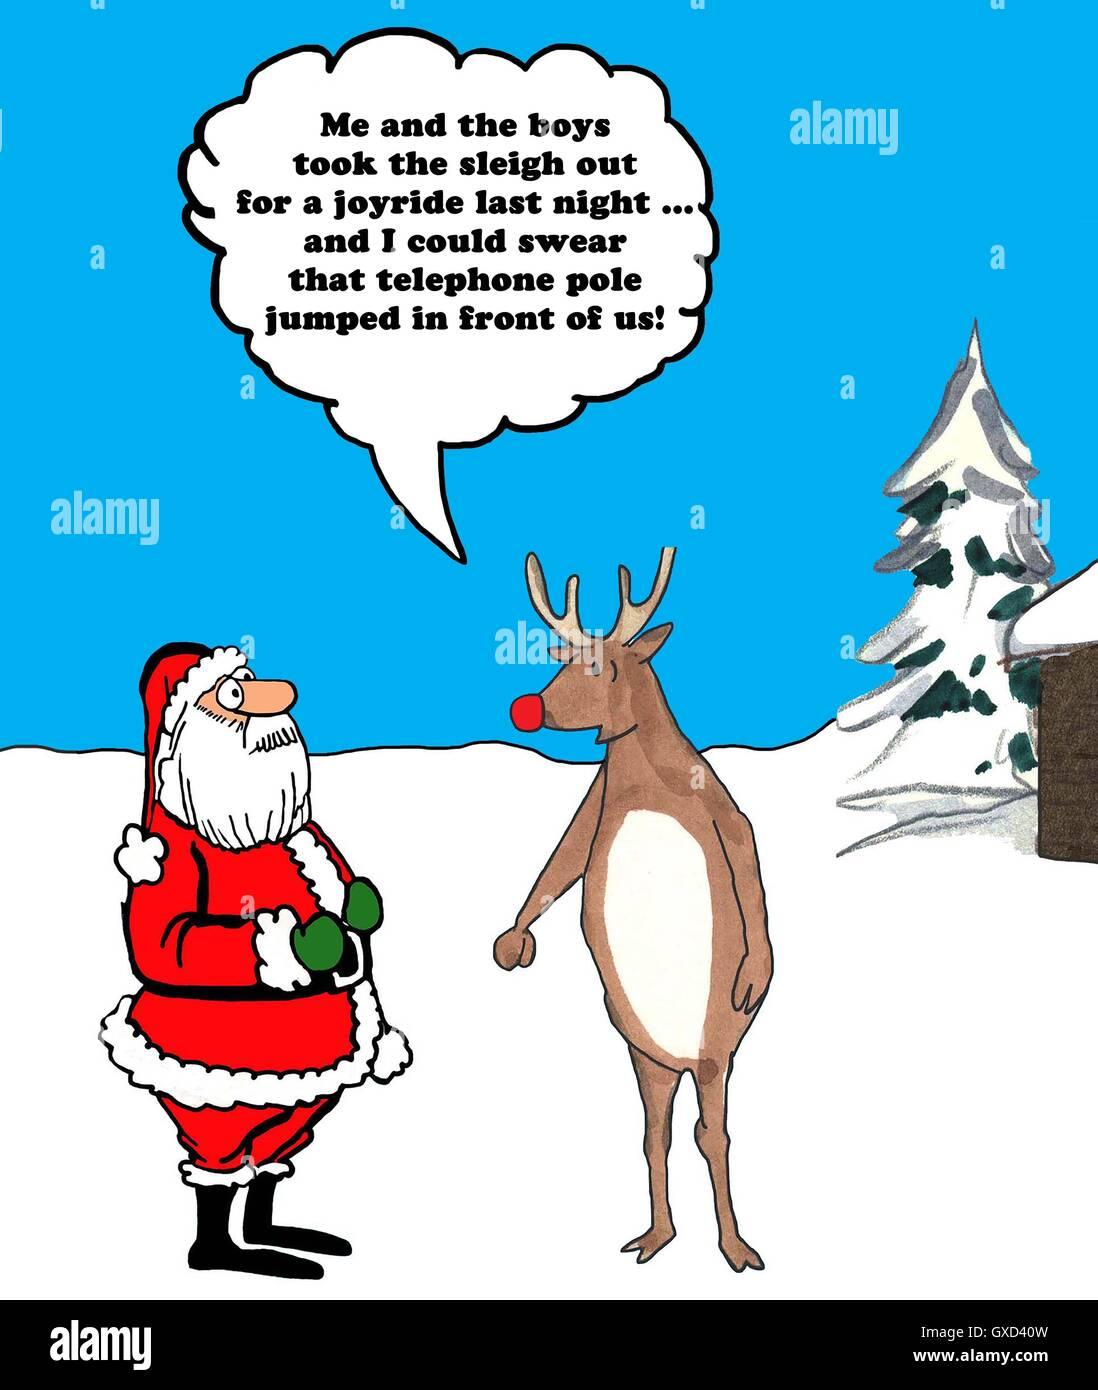 Weihnachten Animation.Weihnachten Cartoon Der Rotnasige Rentiere Santa Claus Zu Sagen Er